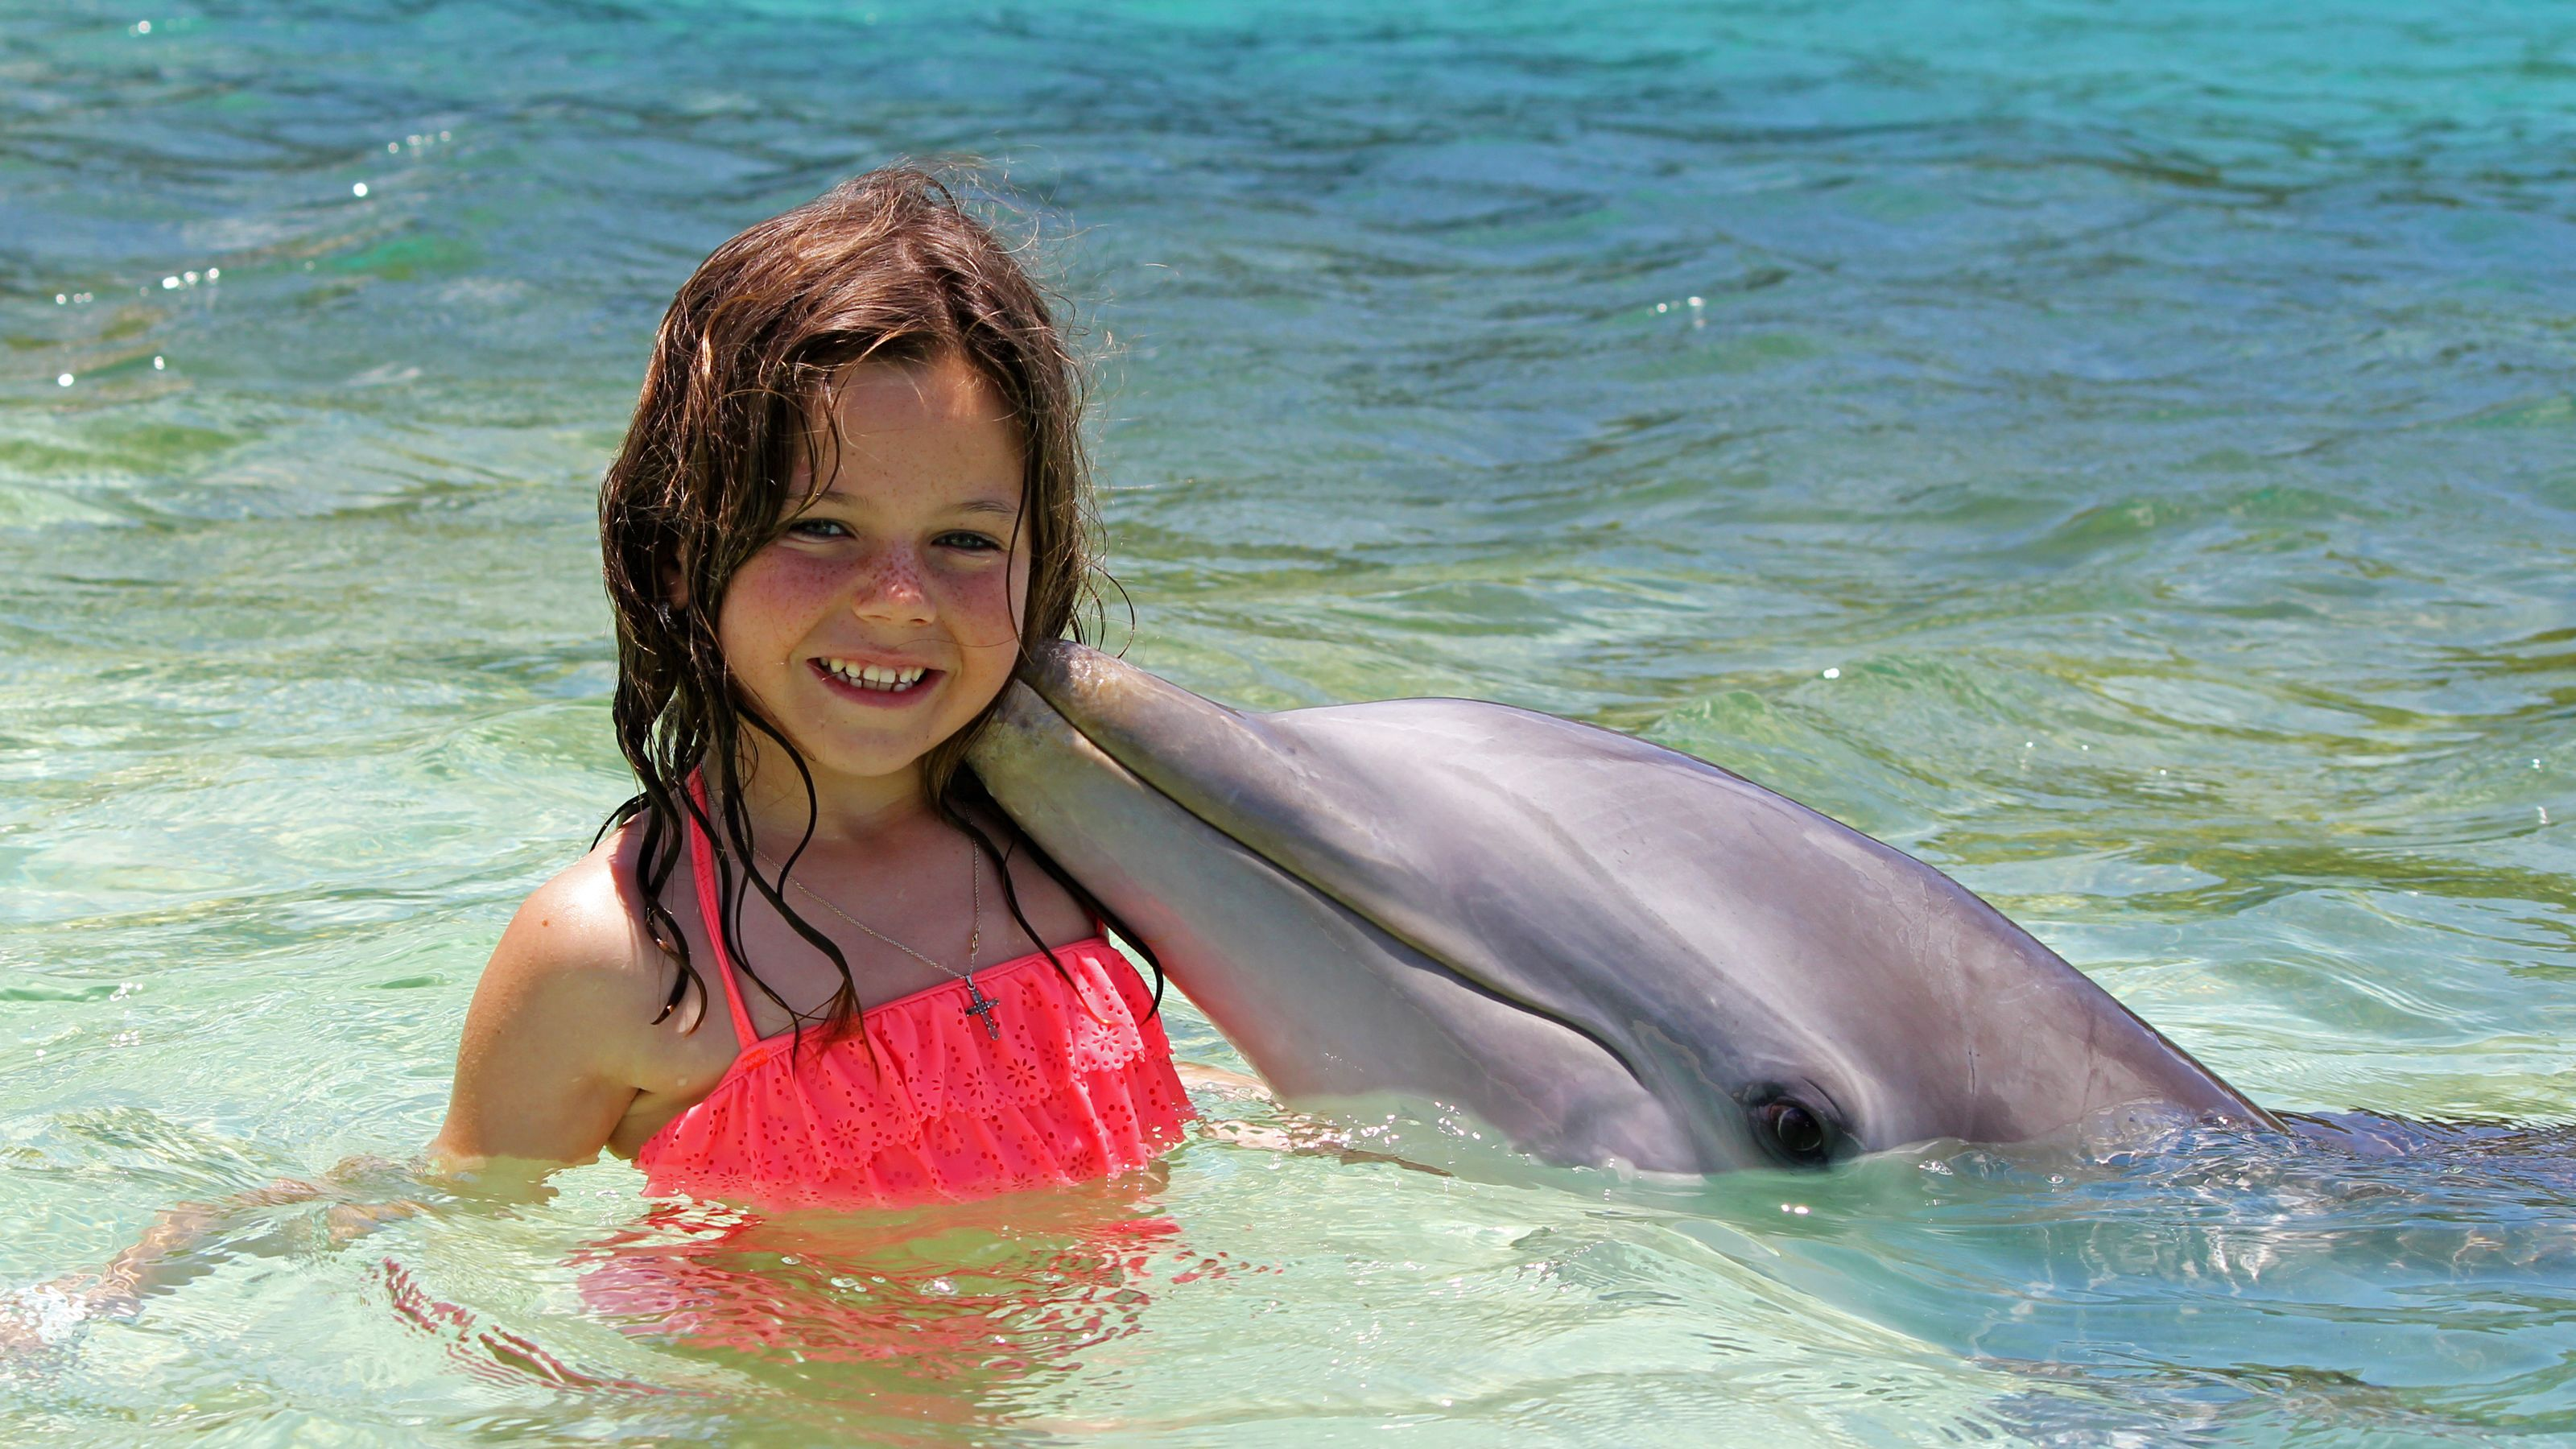 Rencontre avec les dauphins de Blue Lagoon avec accès à la plage